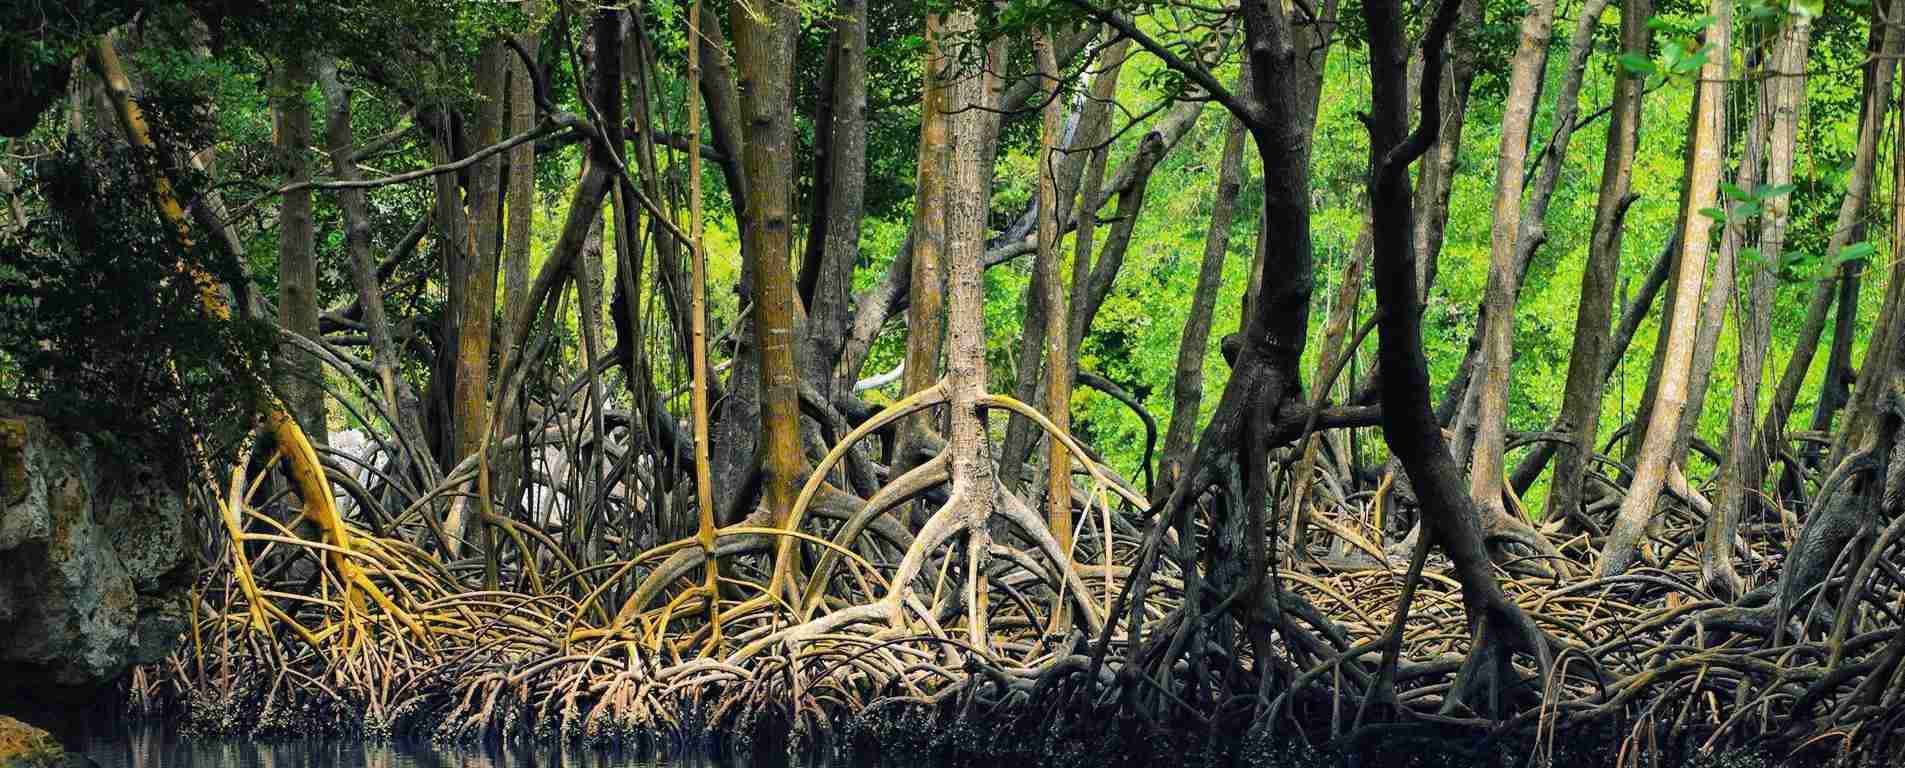 جنگل حرا : وقتی از شوری اشک و آب، درخت میروید!